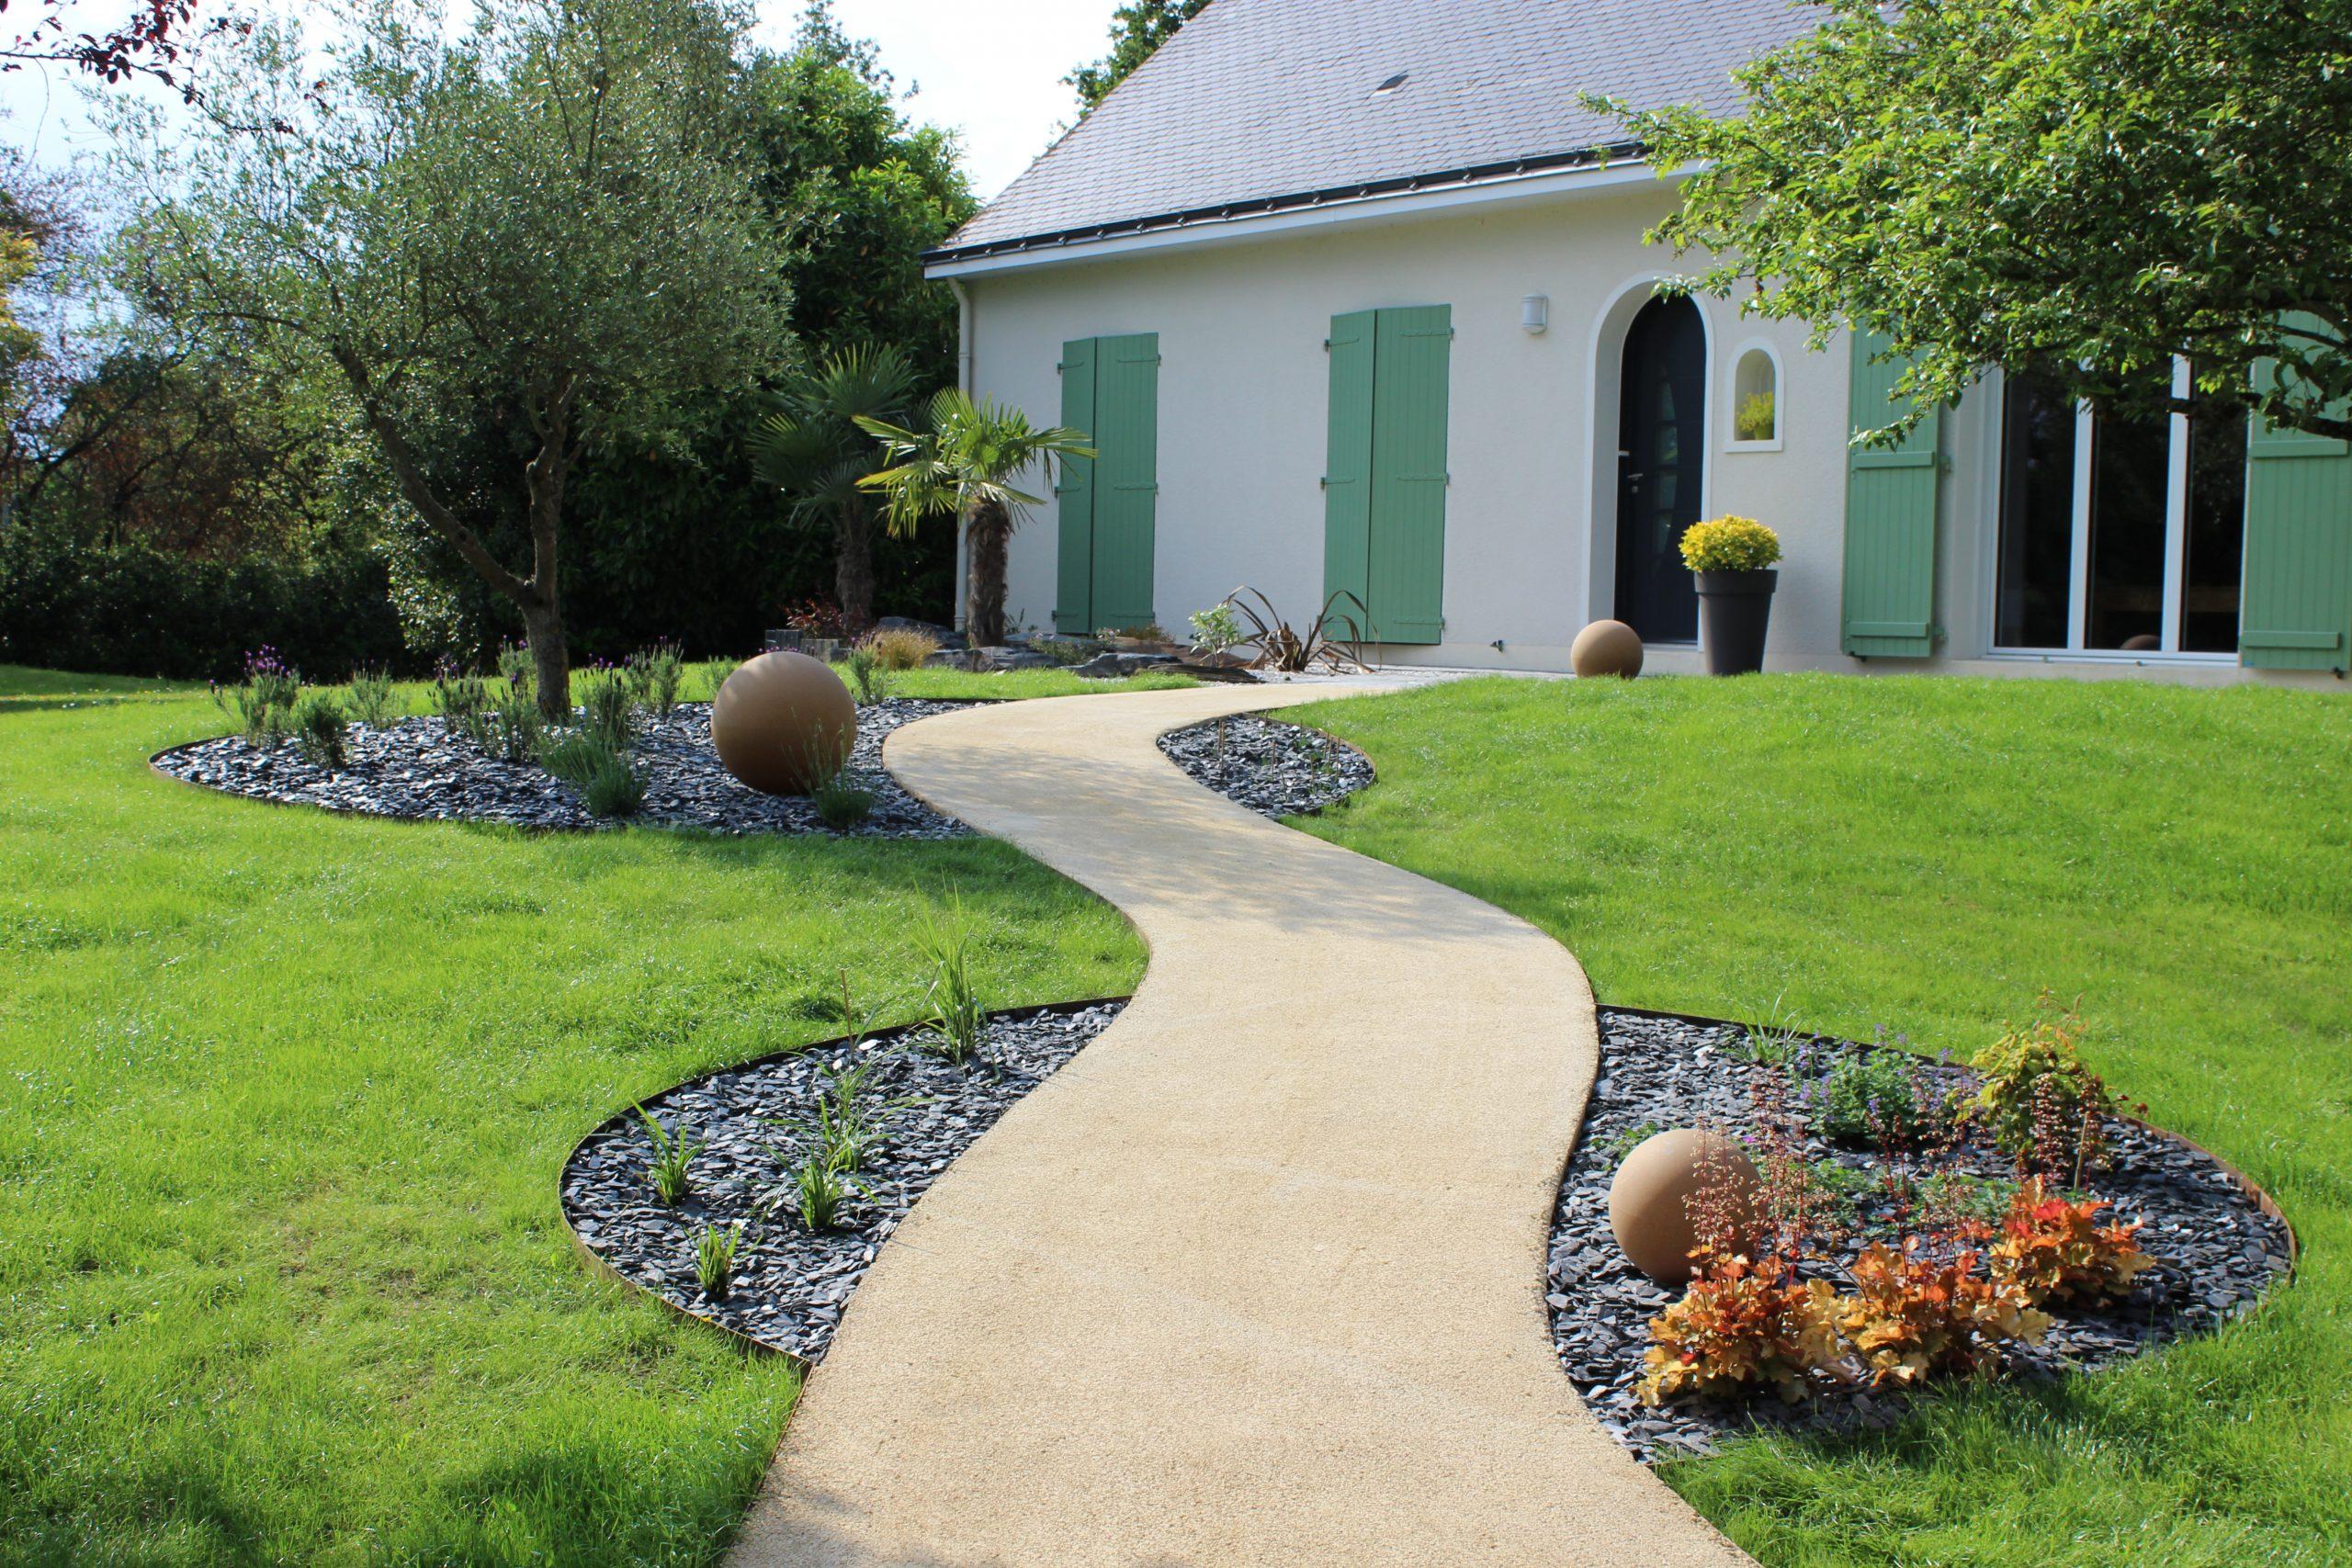 Création D'allée De Jardin St Lèger Des Bois - Paysagiste Angers tout Allée De Jardin En Bois